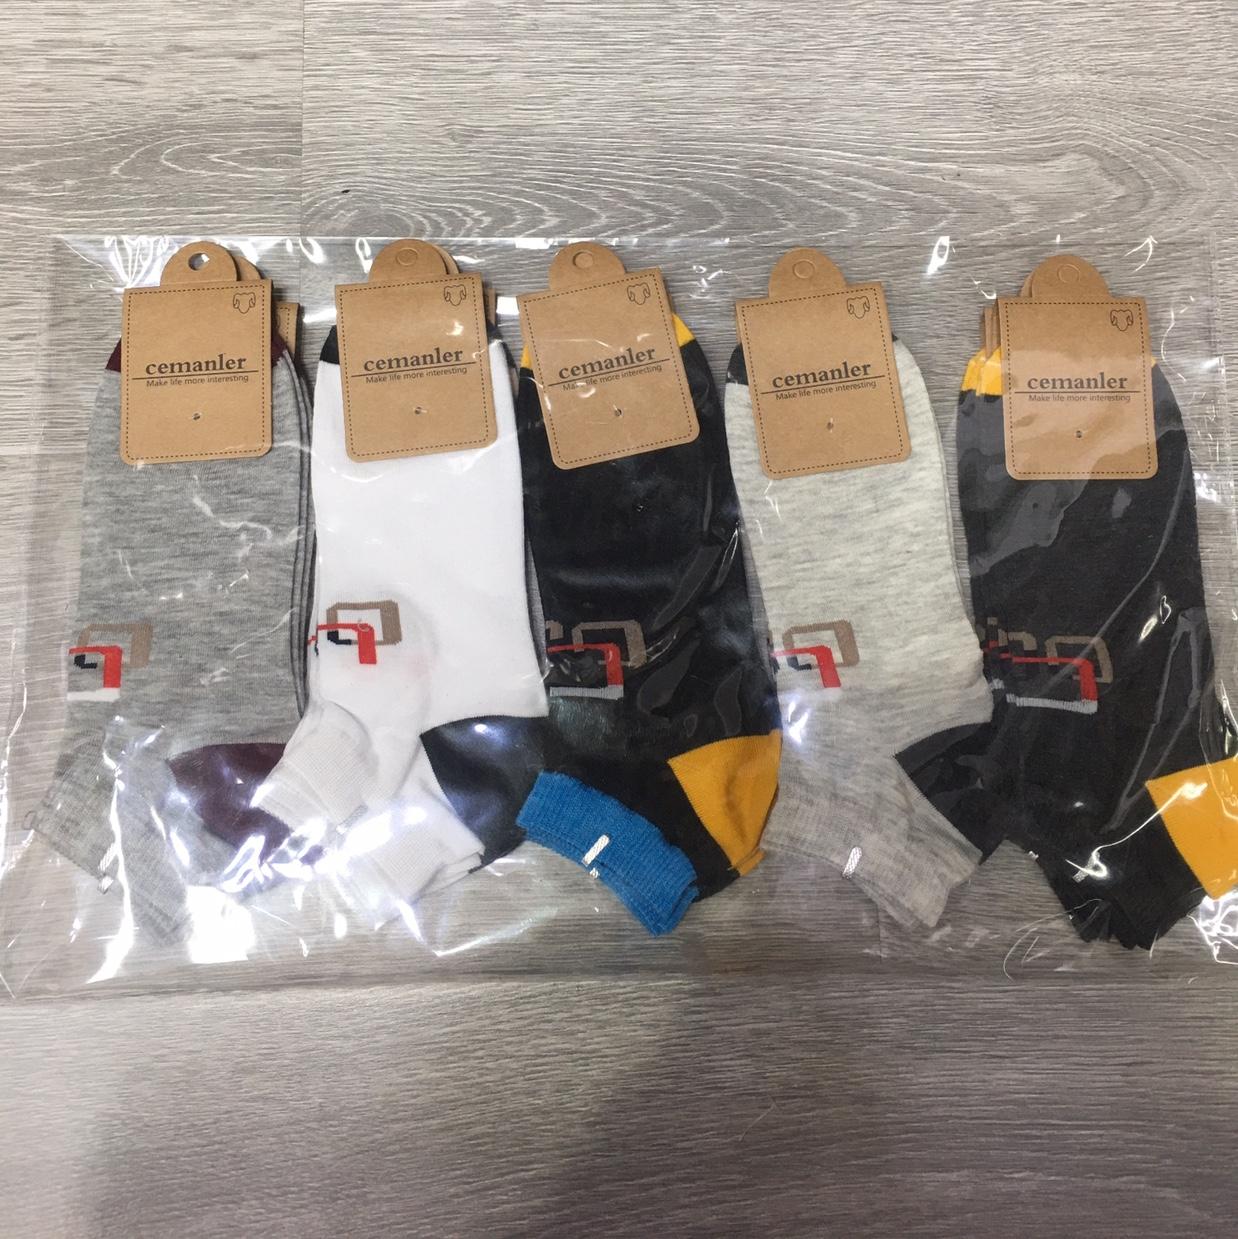 厂家直销批发春夏新款男士休闲船袜混装10双装